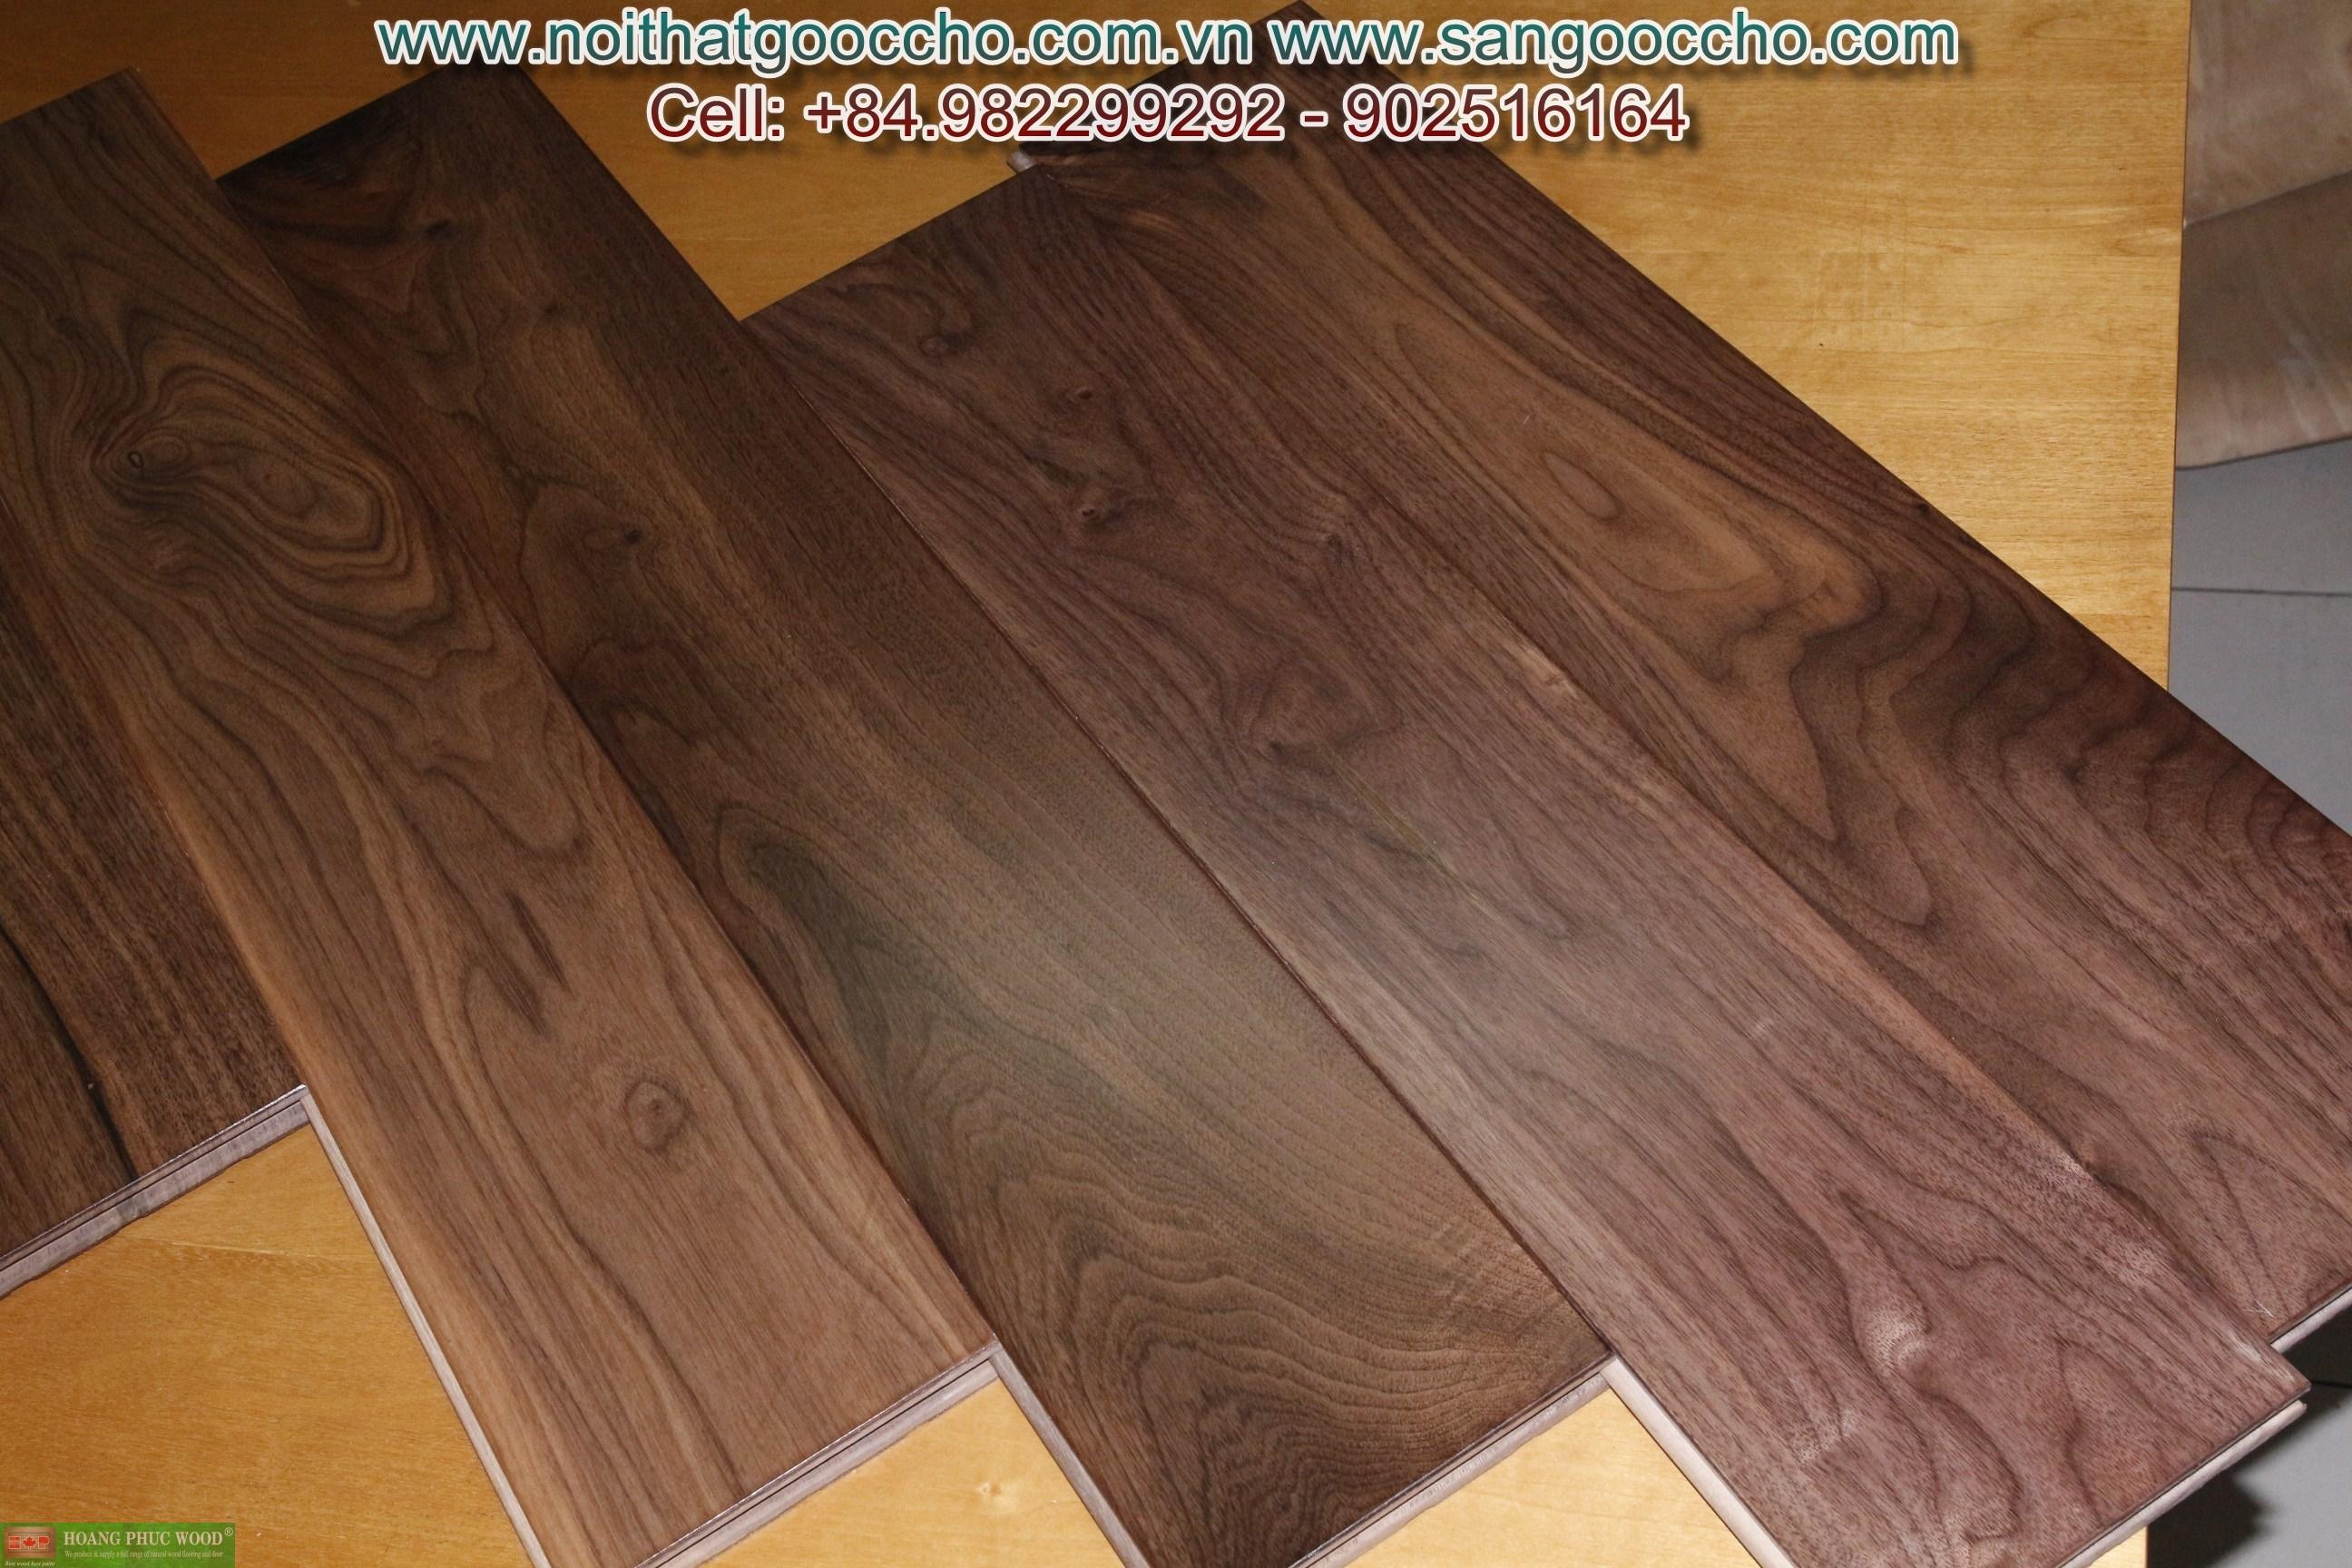 Sàn gỗ Walnut Mỹ